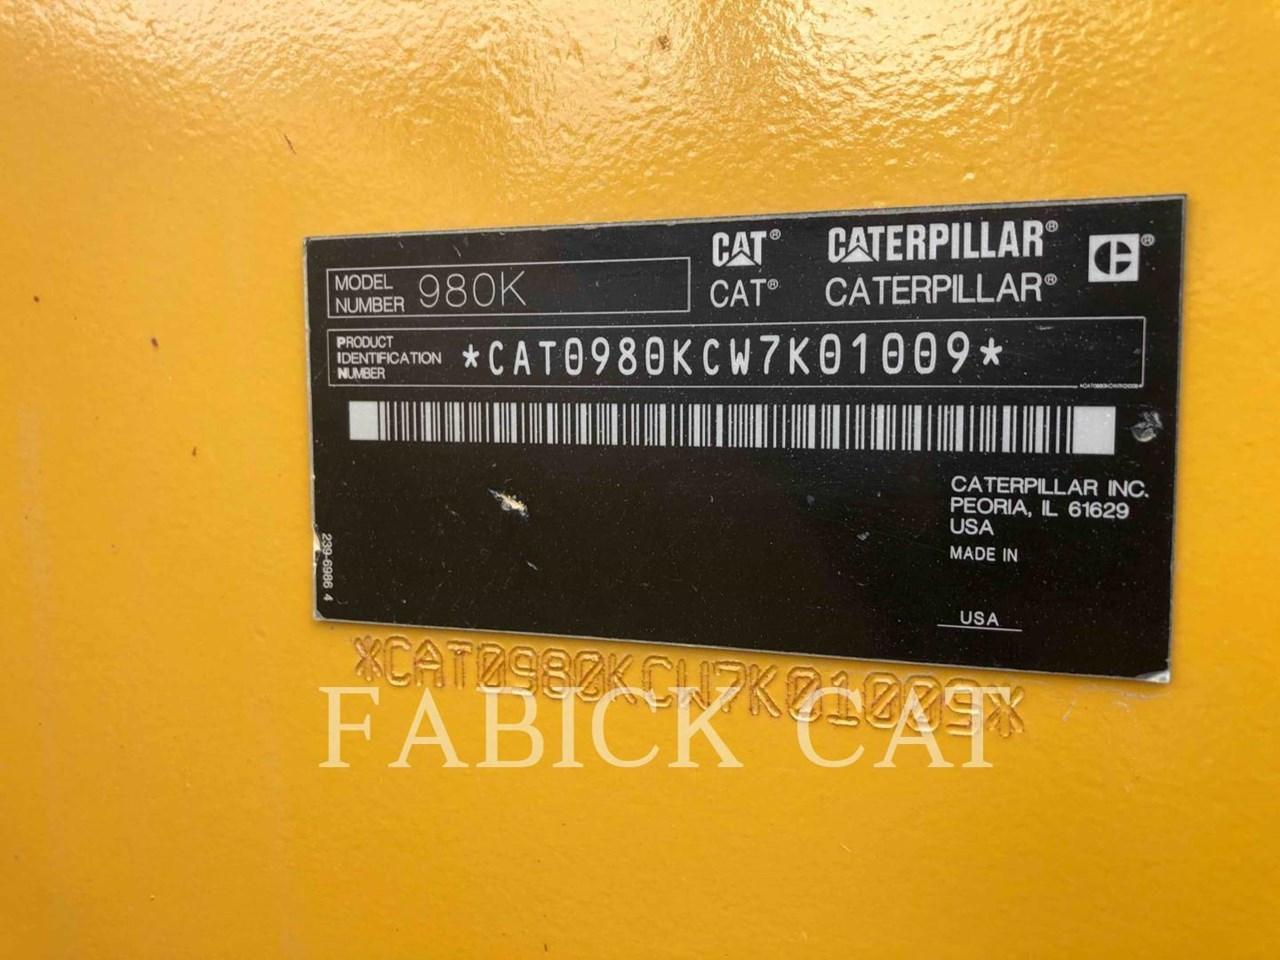 2012 Caterpillar 980K Image 6